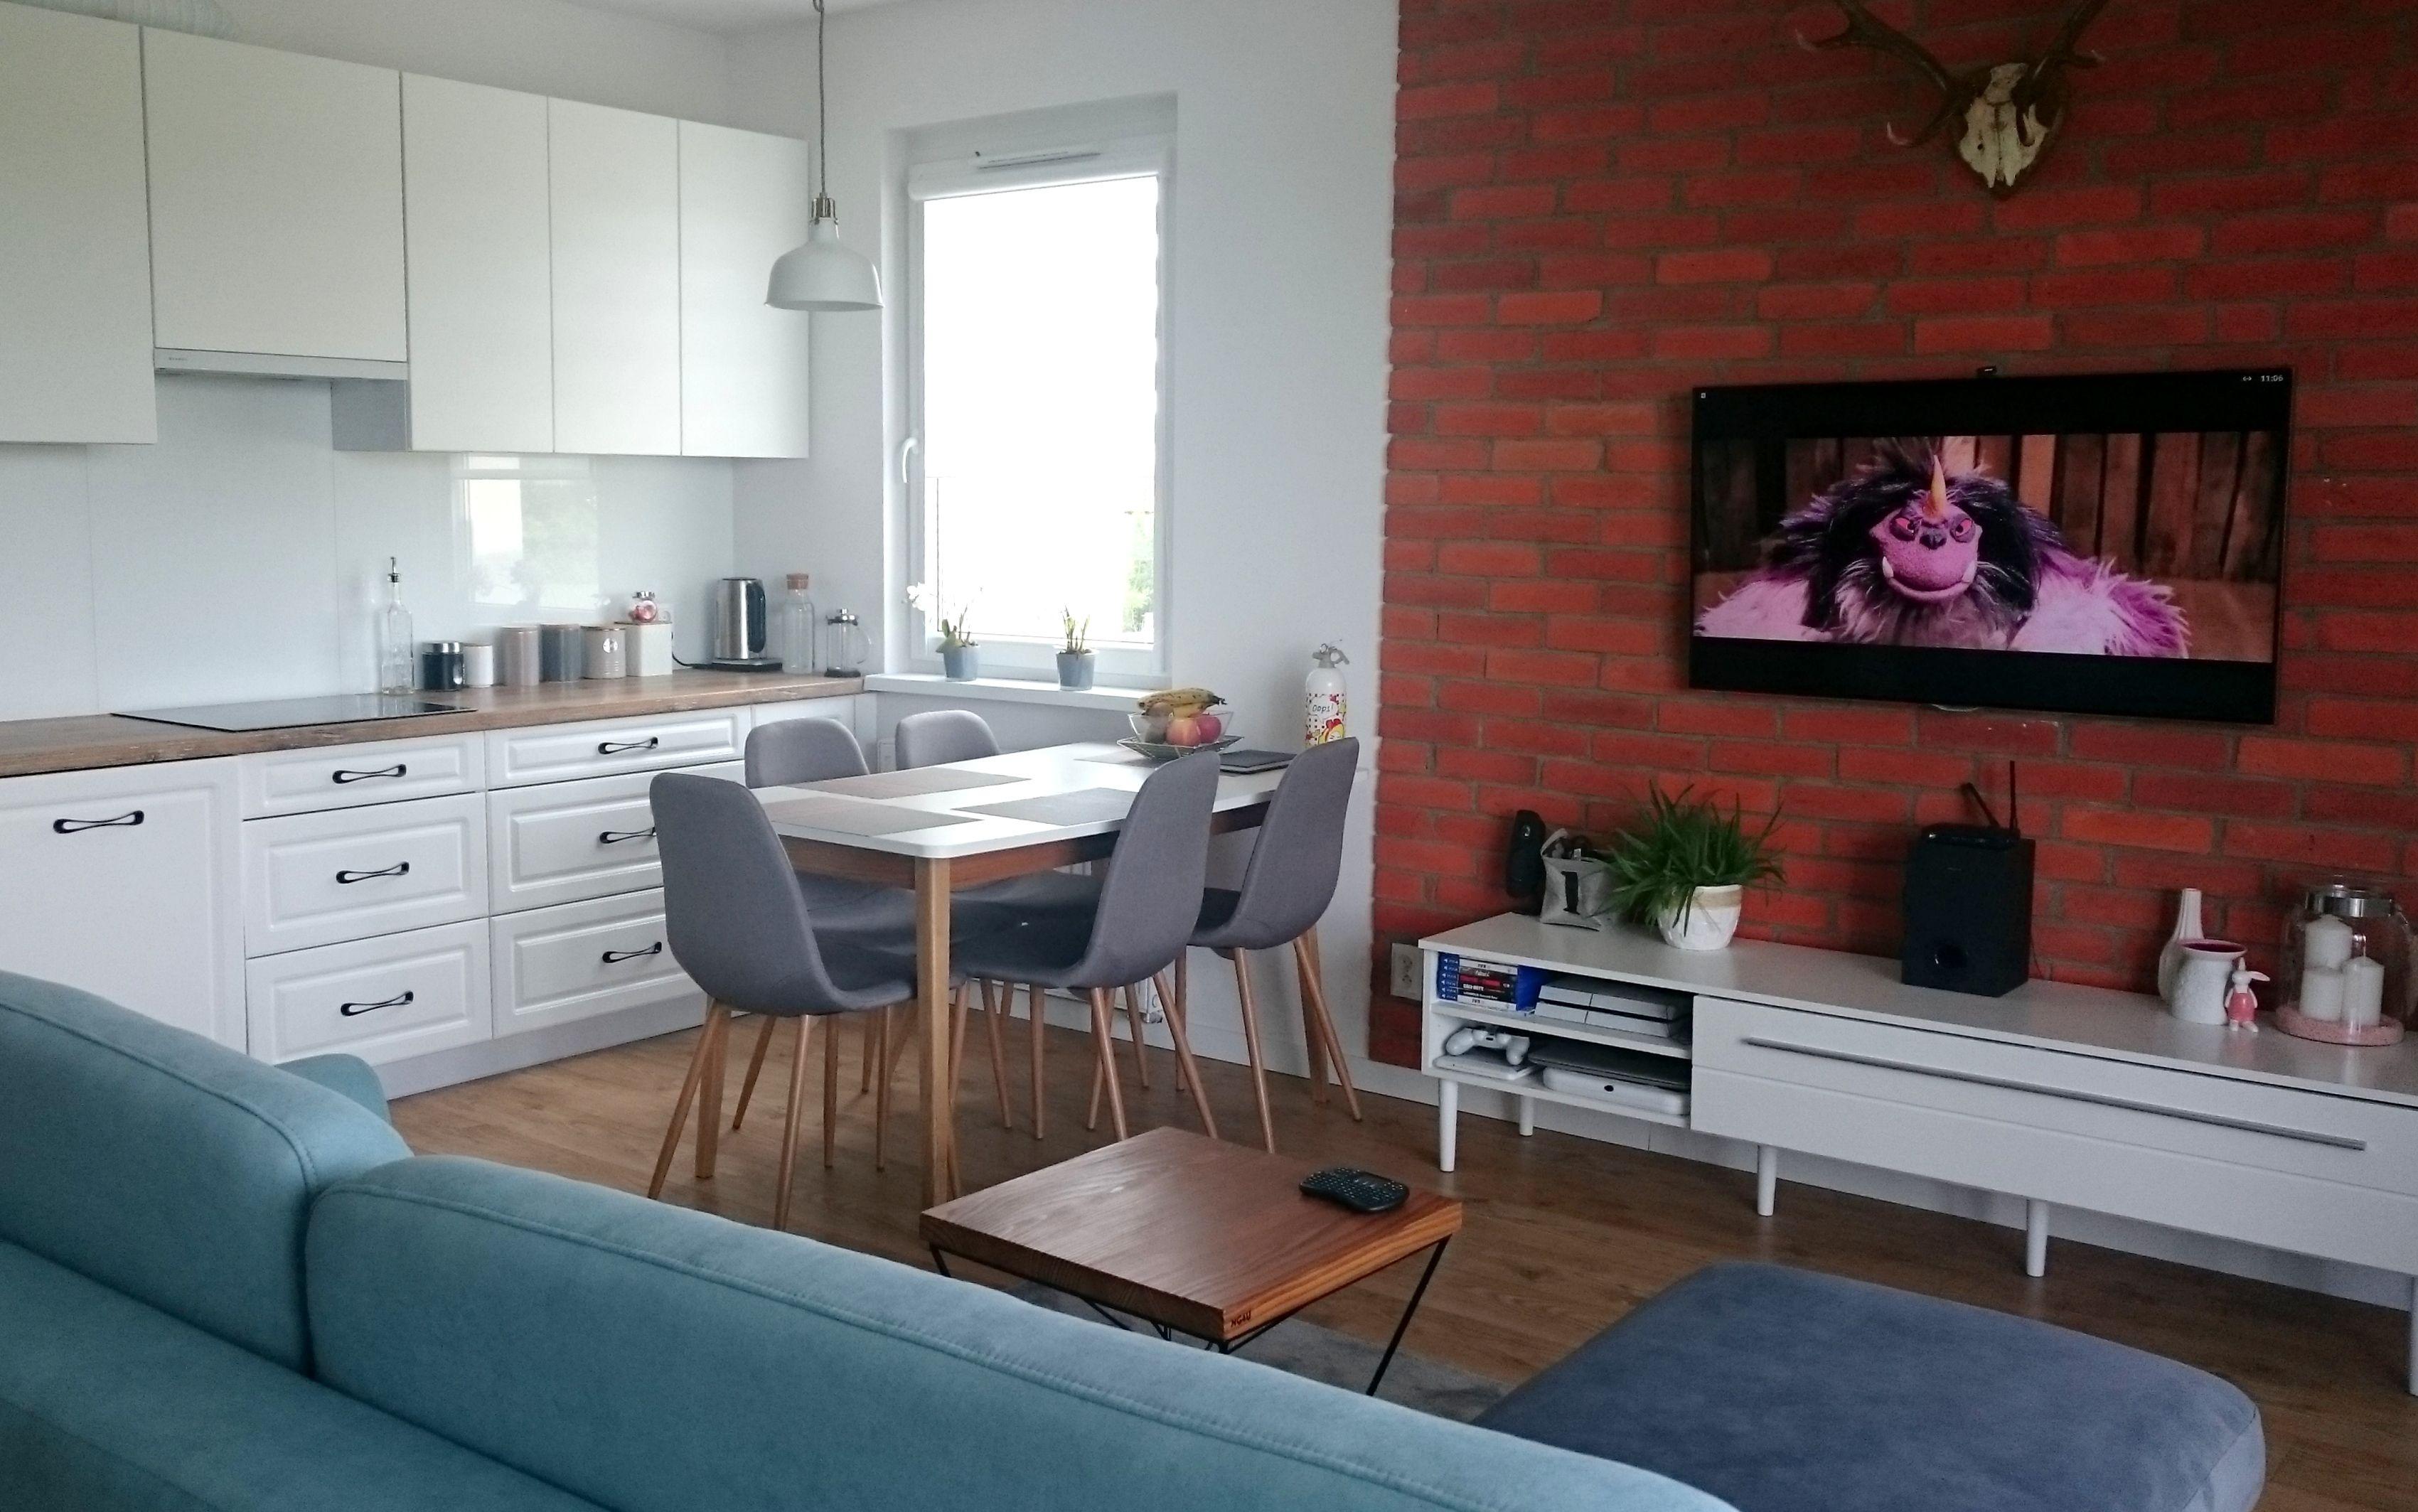 Aranzacja Mieszkania Jadalnia Z Kuchnia I Salonem Stol W Stylu Skandynawskim Interior Home Decor Home